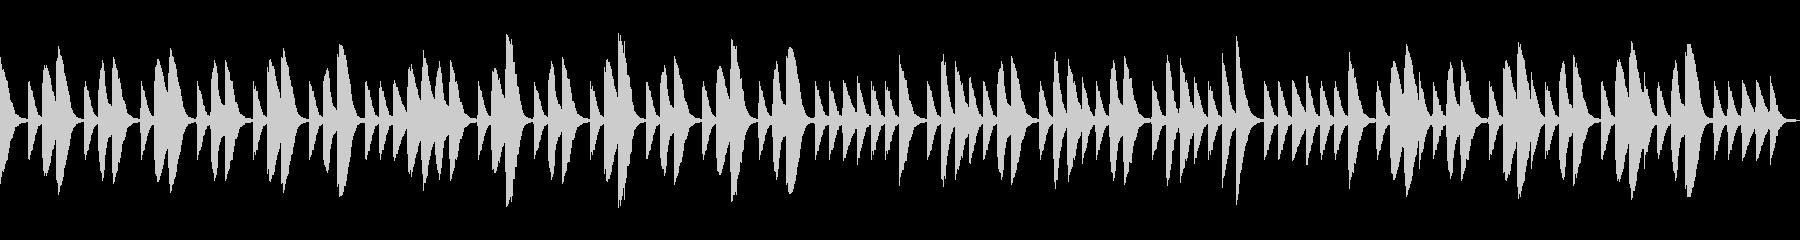 可愛いマリンバとコンガのシンプルな曲ですの未再生の波形